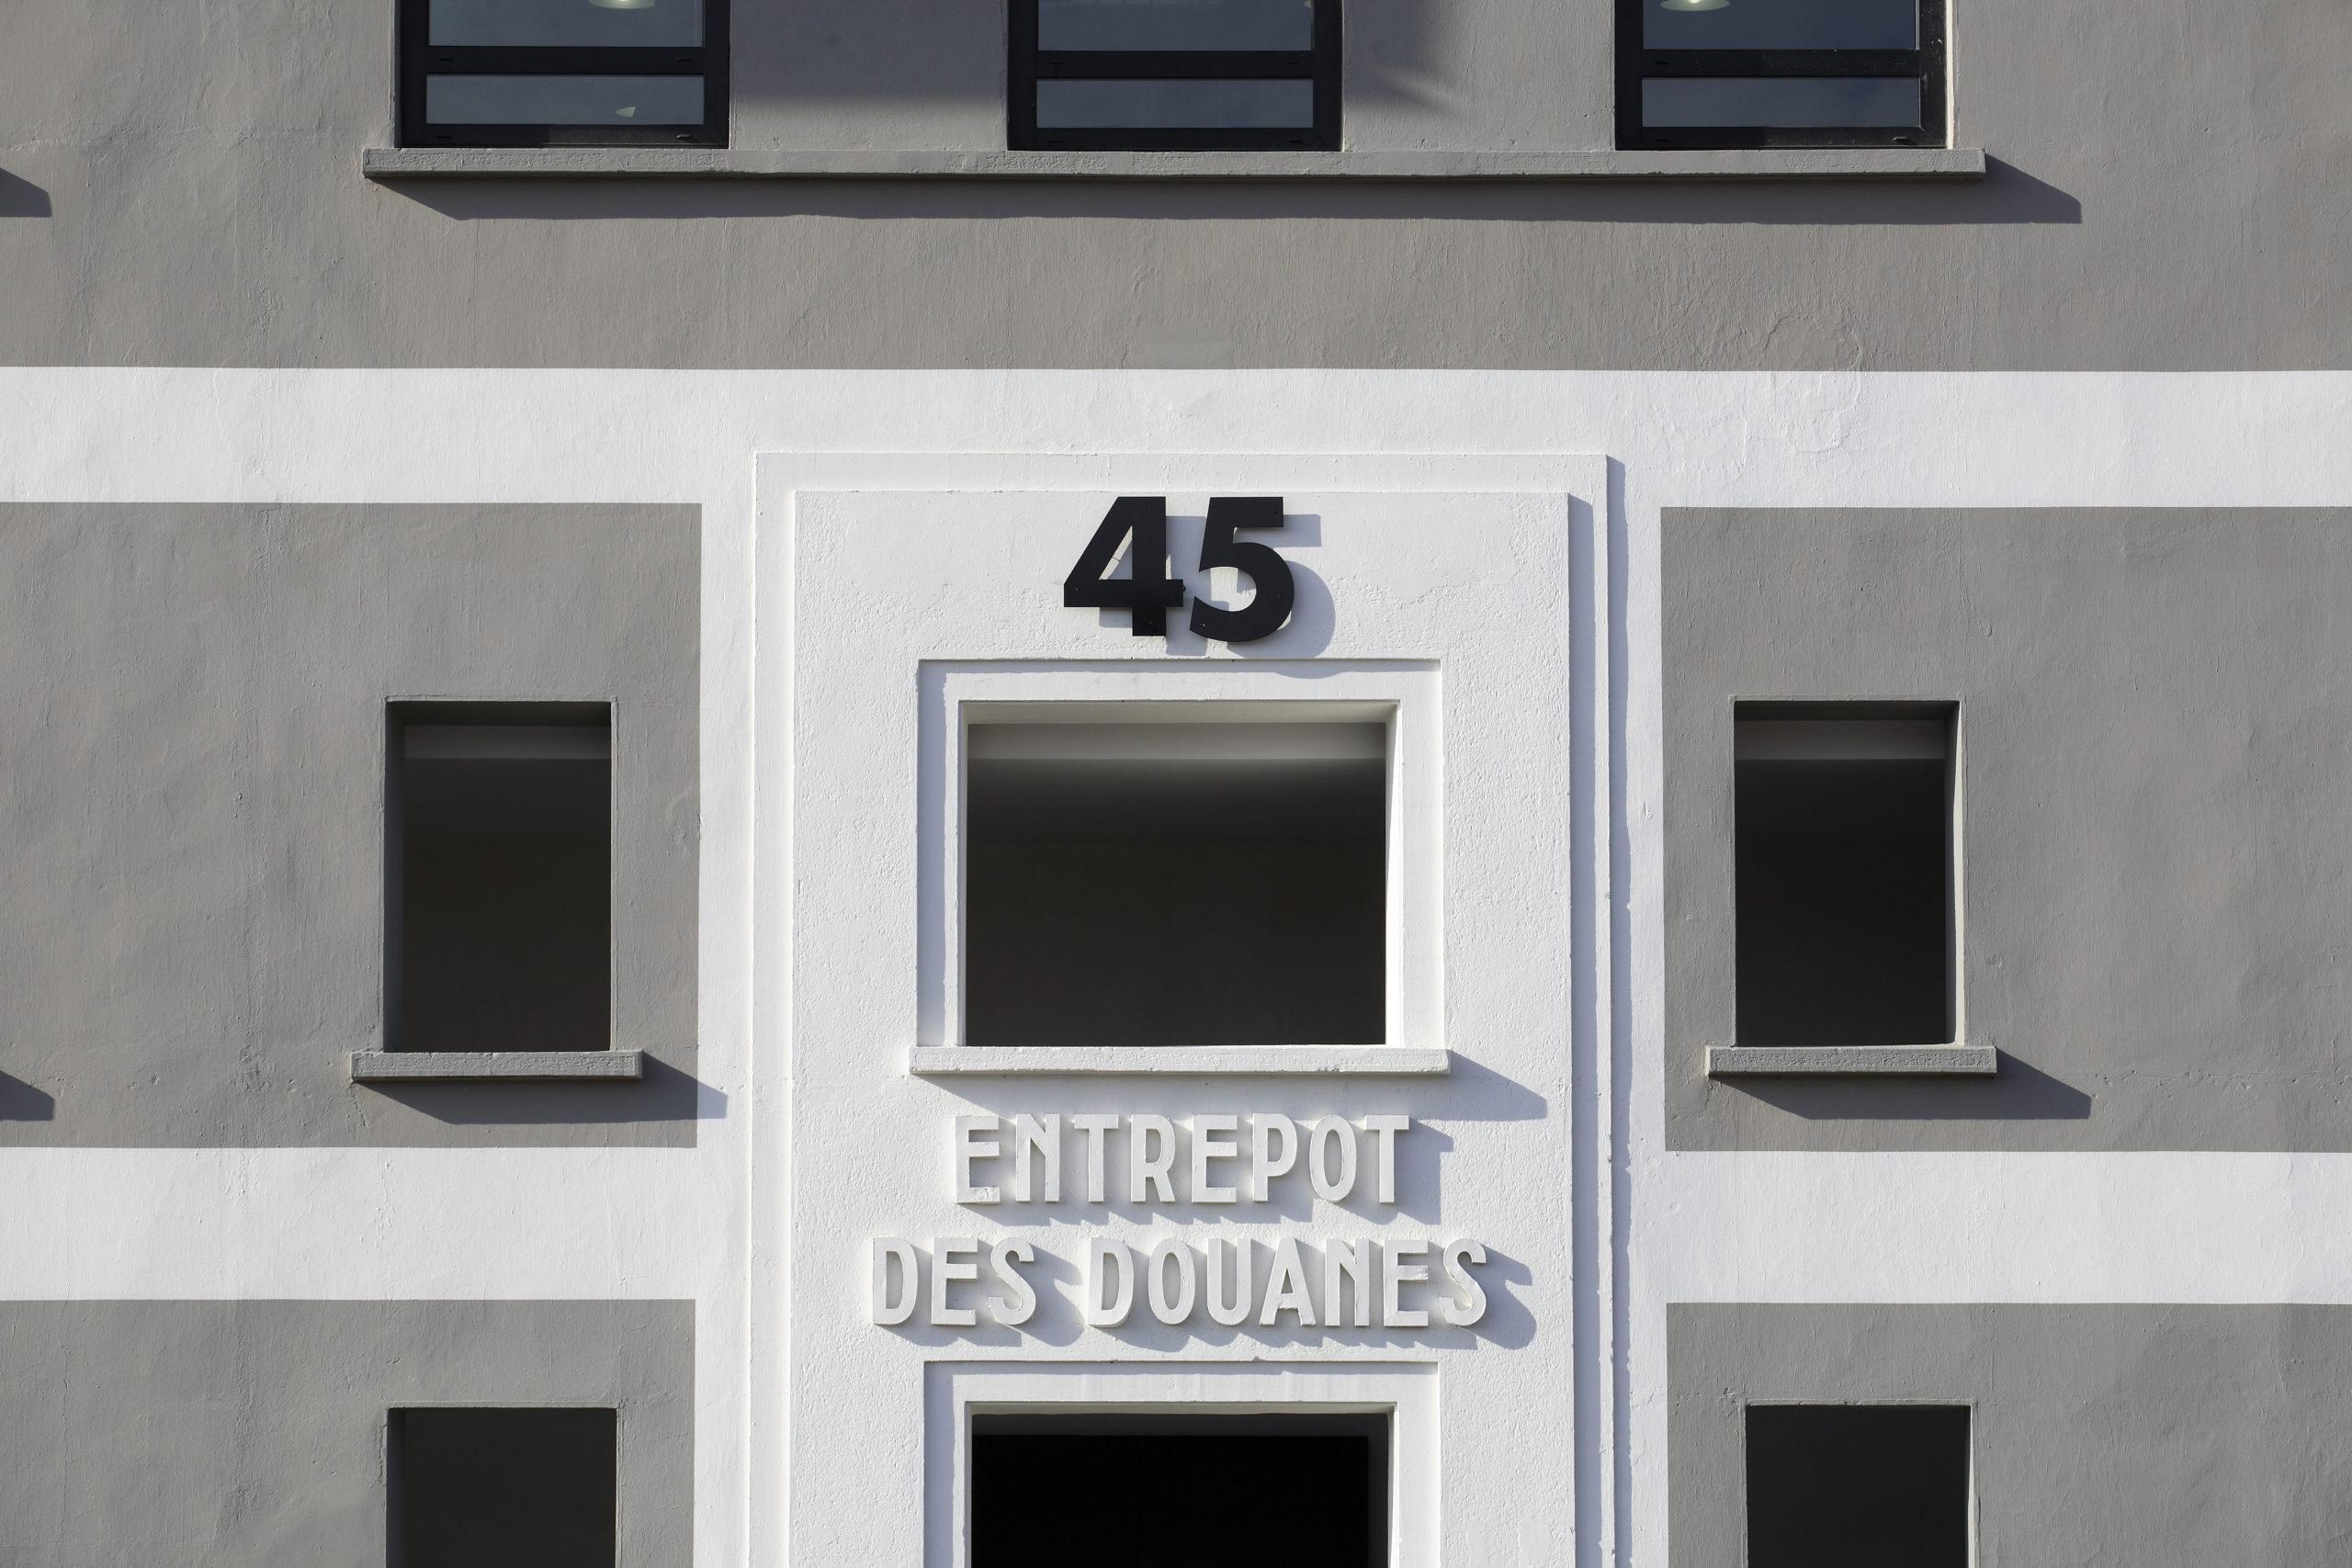 Les Douanes 45